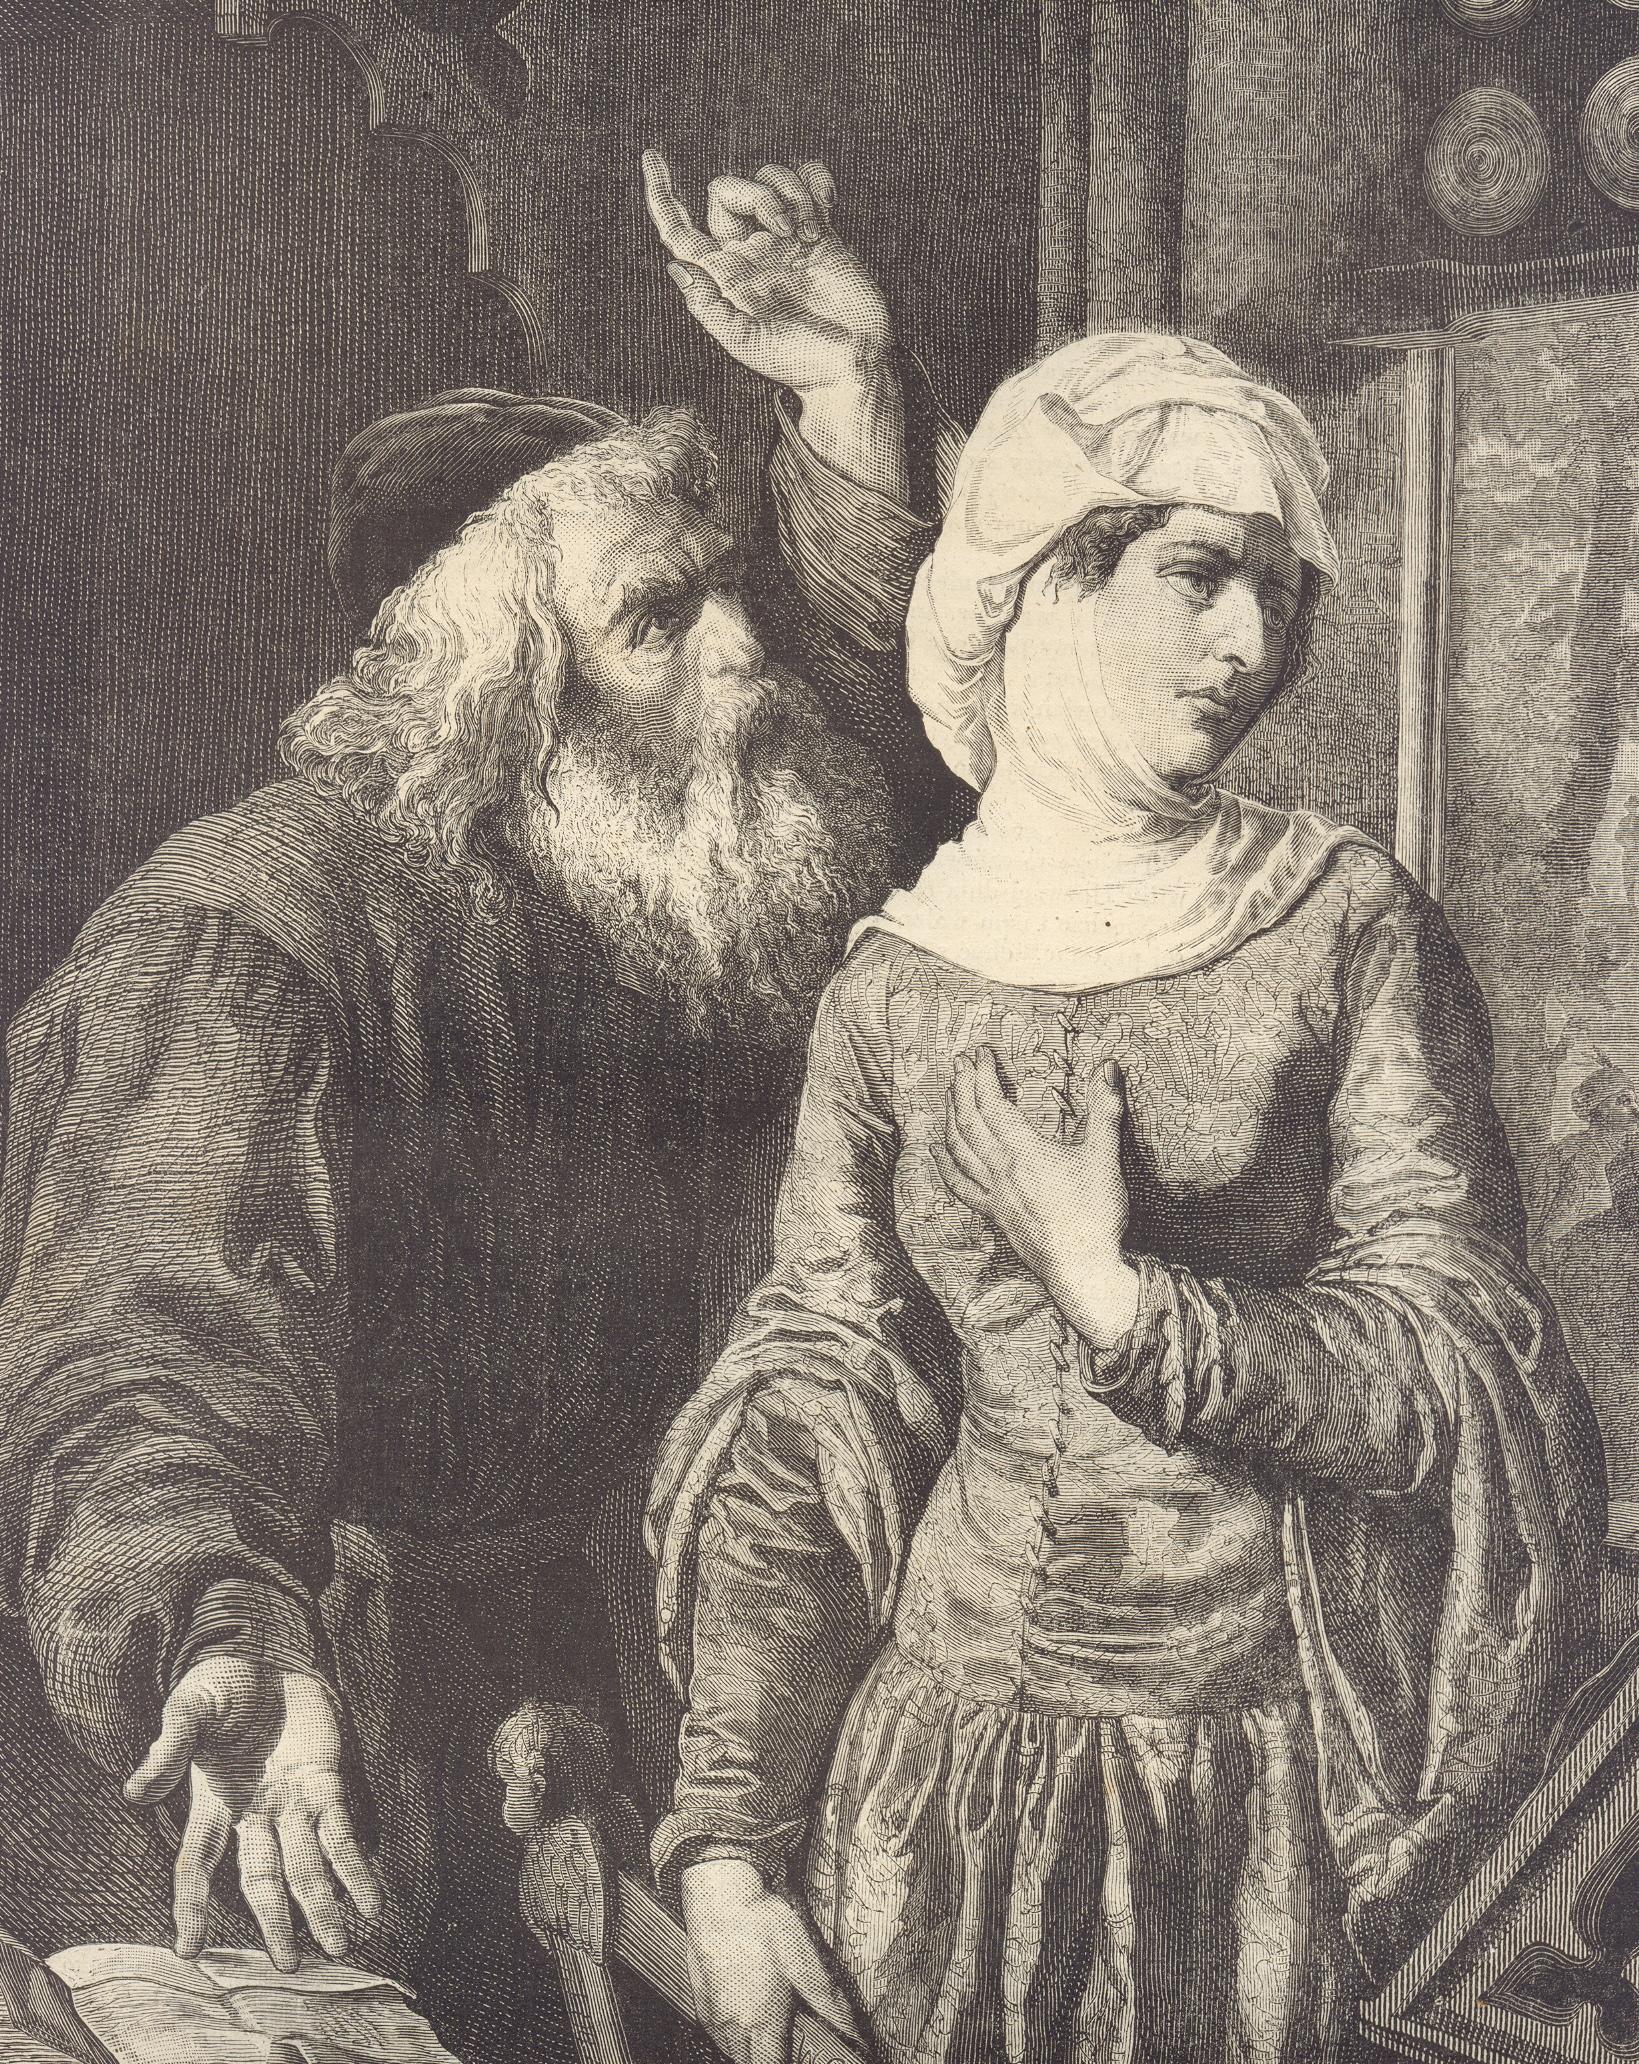 Kazimierz Wielki nie dał się poznać jako człowiek szanujący kobiety. Jeśli do jakiejś odczuwał respekt, to tylko do własnej siostry, Elżbiety. Powyżej: Kazimierz i jego domniemana kochanka, Esterka.